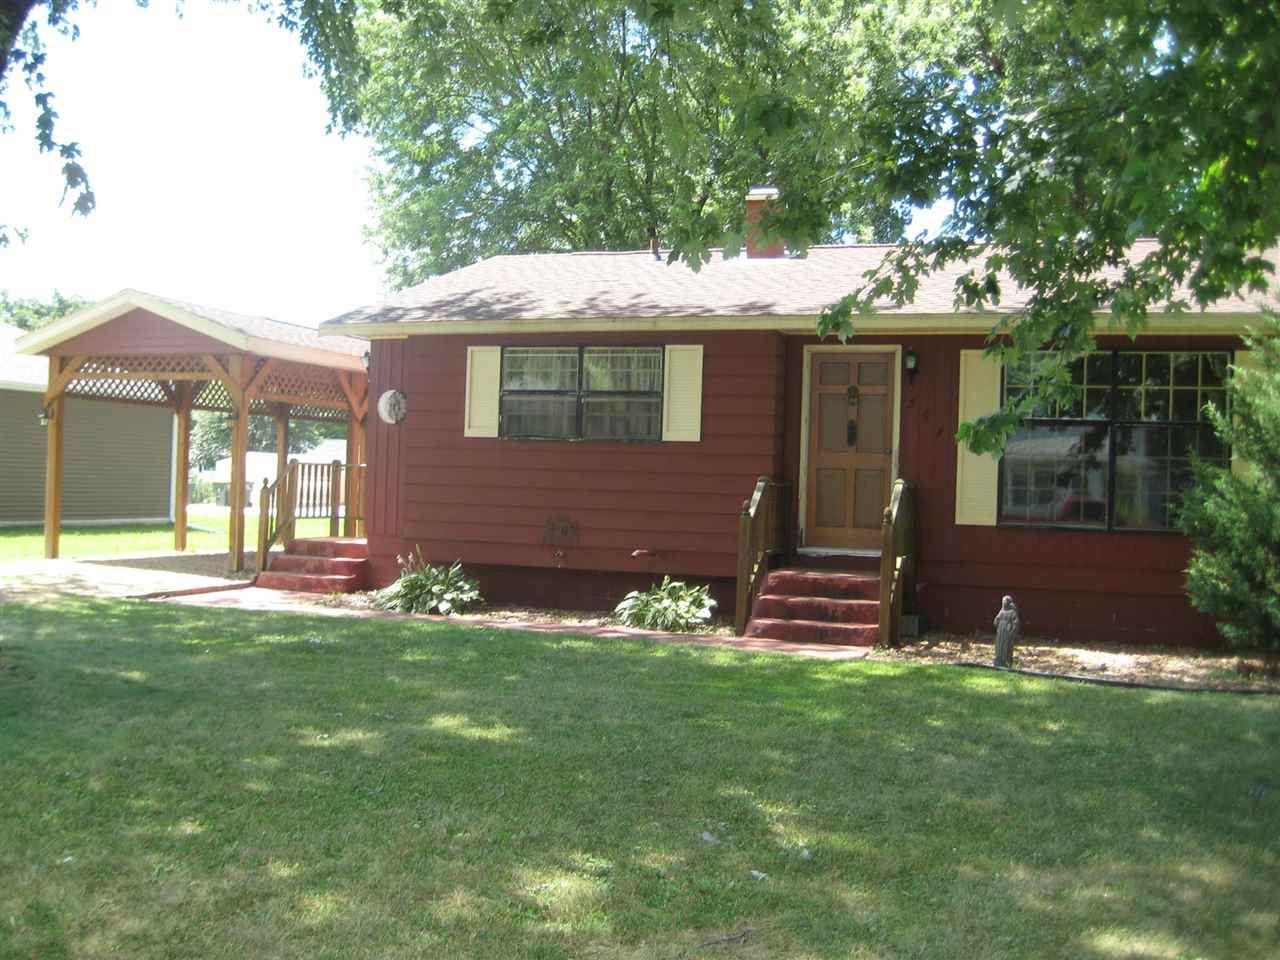 307 S Buchanan St, Prairie du Chien, WI 53821 - #: 1889513